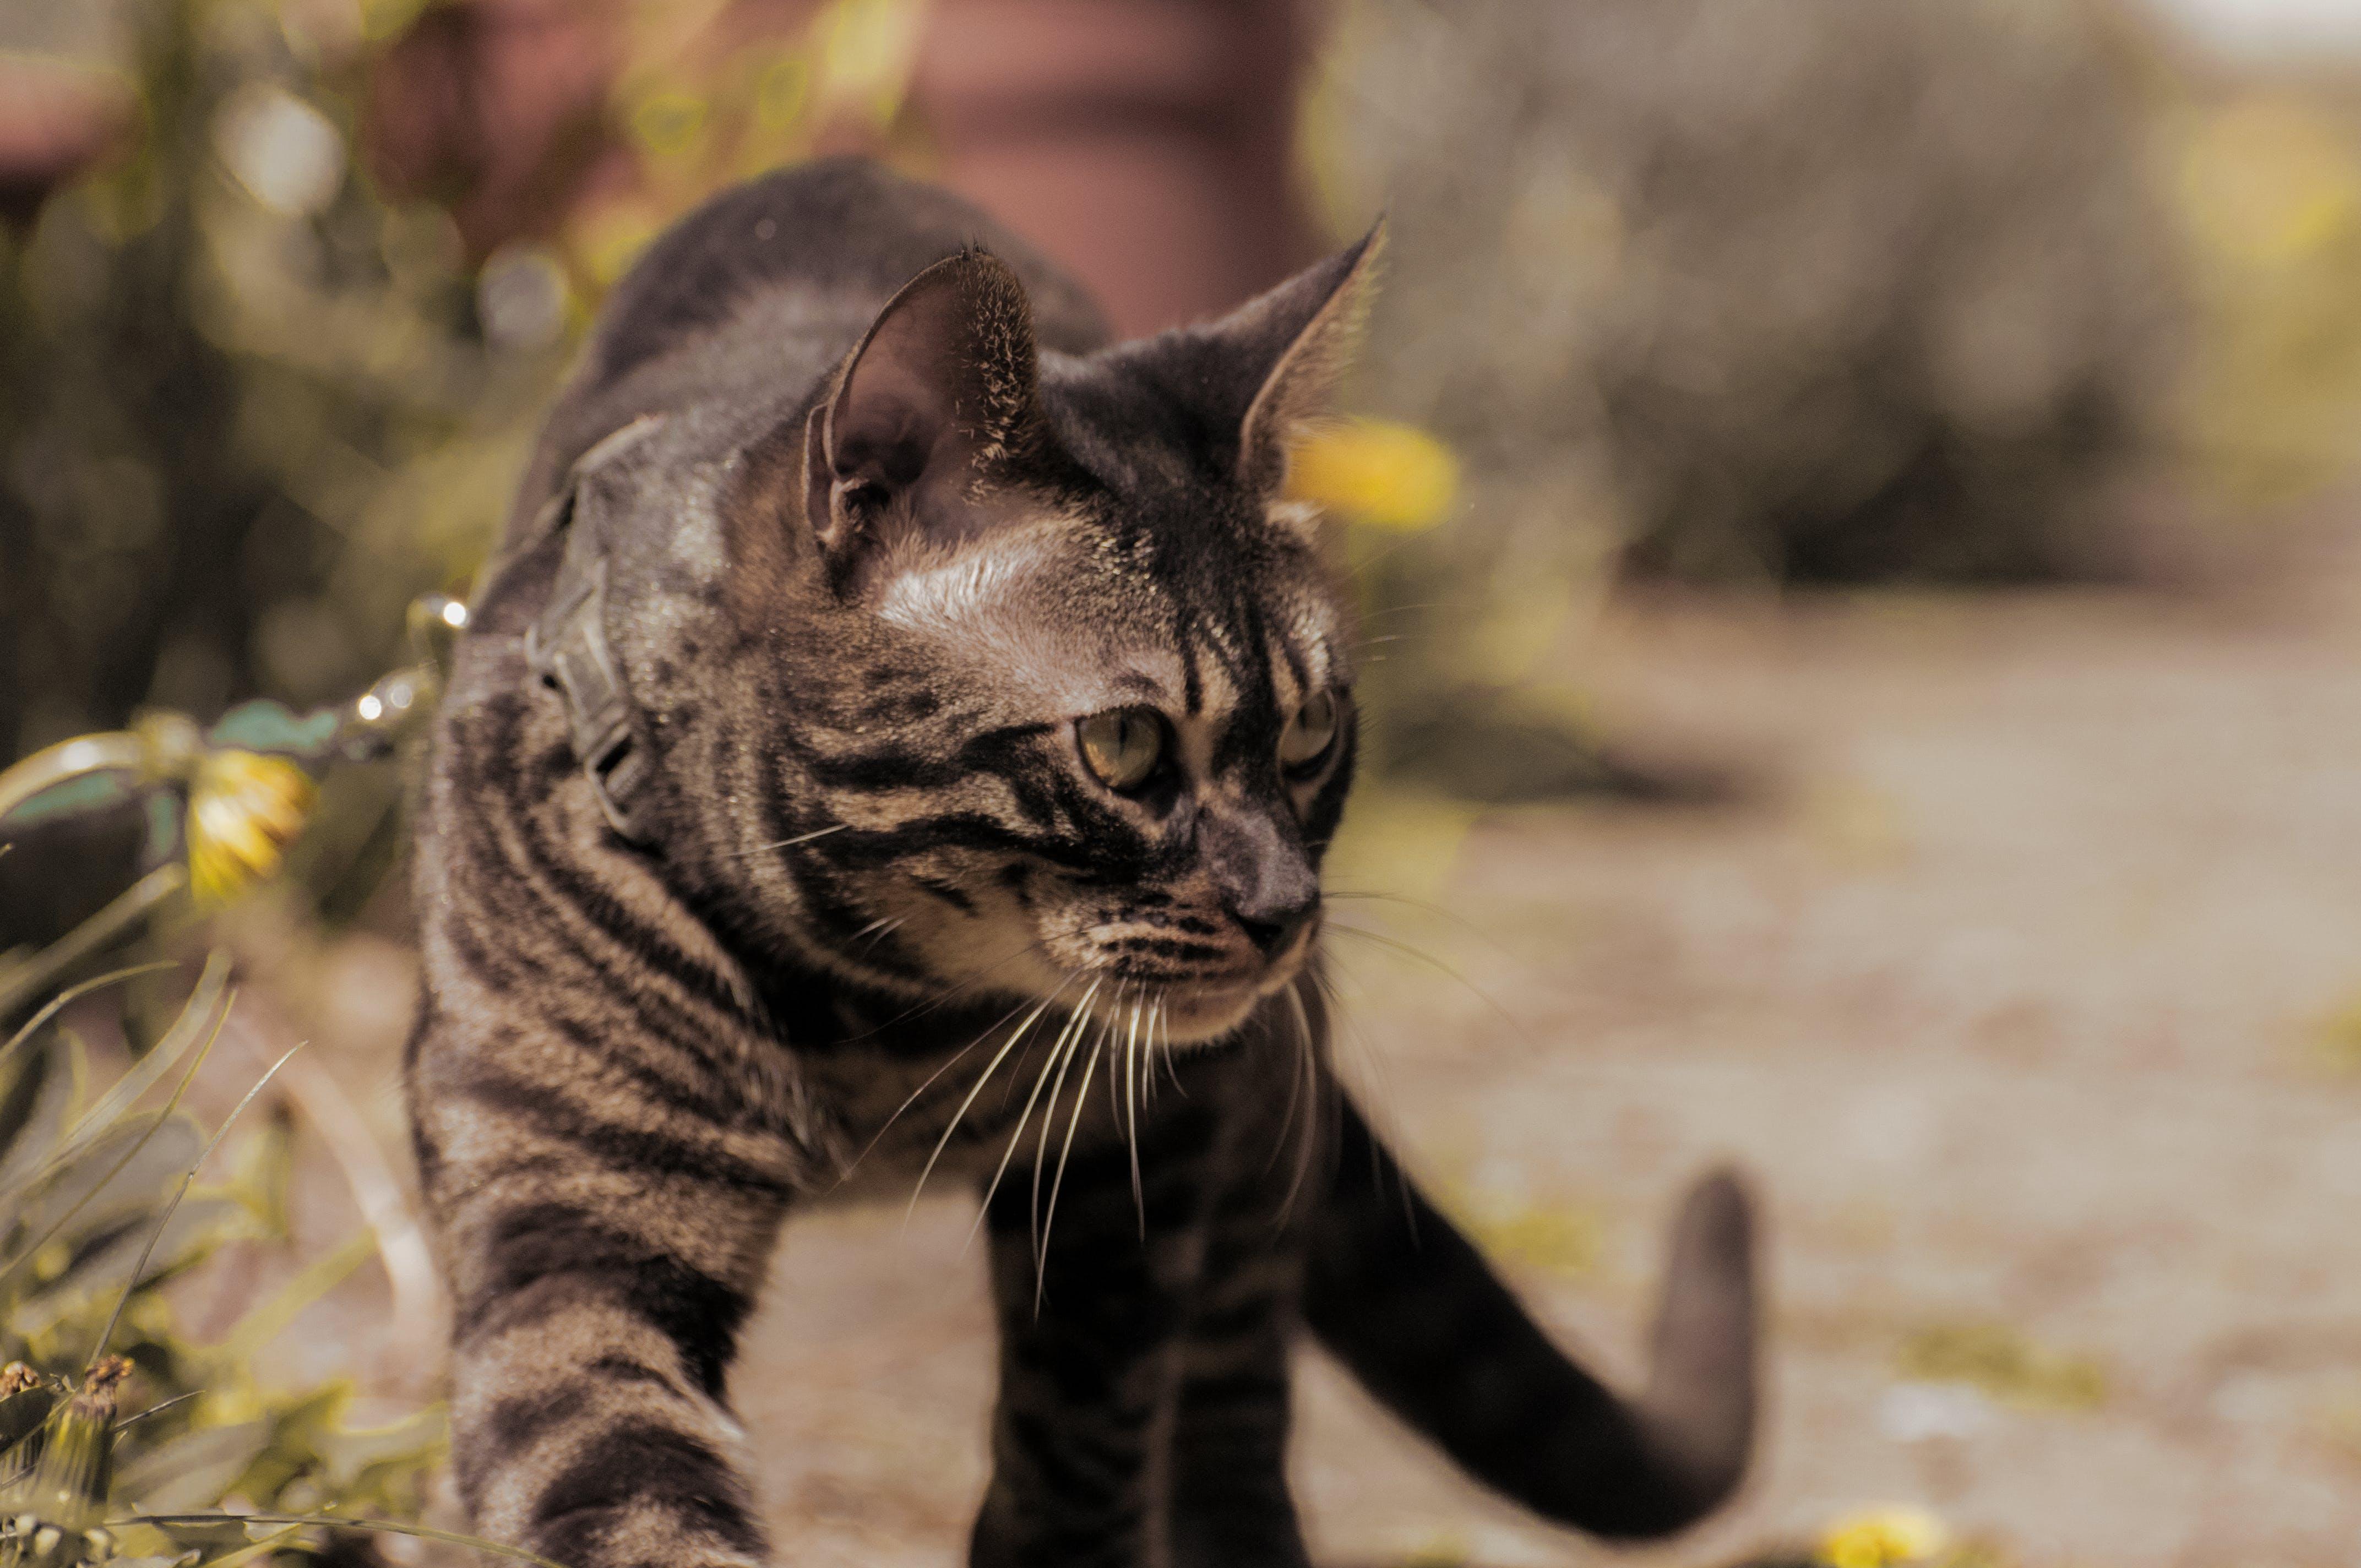 尾巴, 晴天, 步行, 虎斑貓 的 免费素材照片